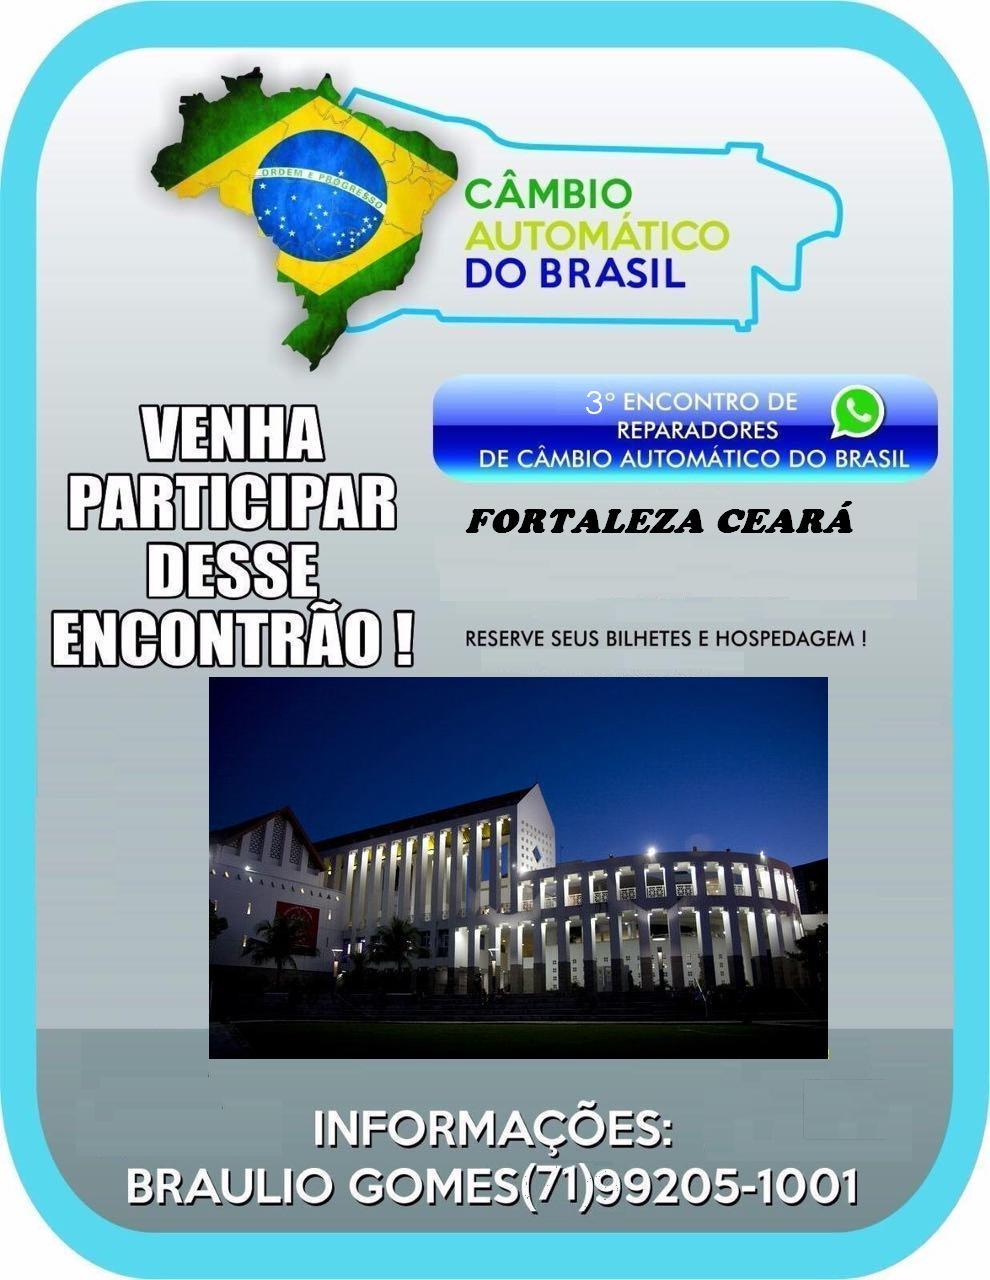 1º CONGRESSO TÉCNICO DO CÂMBIO AUTOMÁTICO DO BRASIL FORTALEZA - CEARÁ